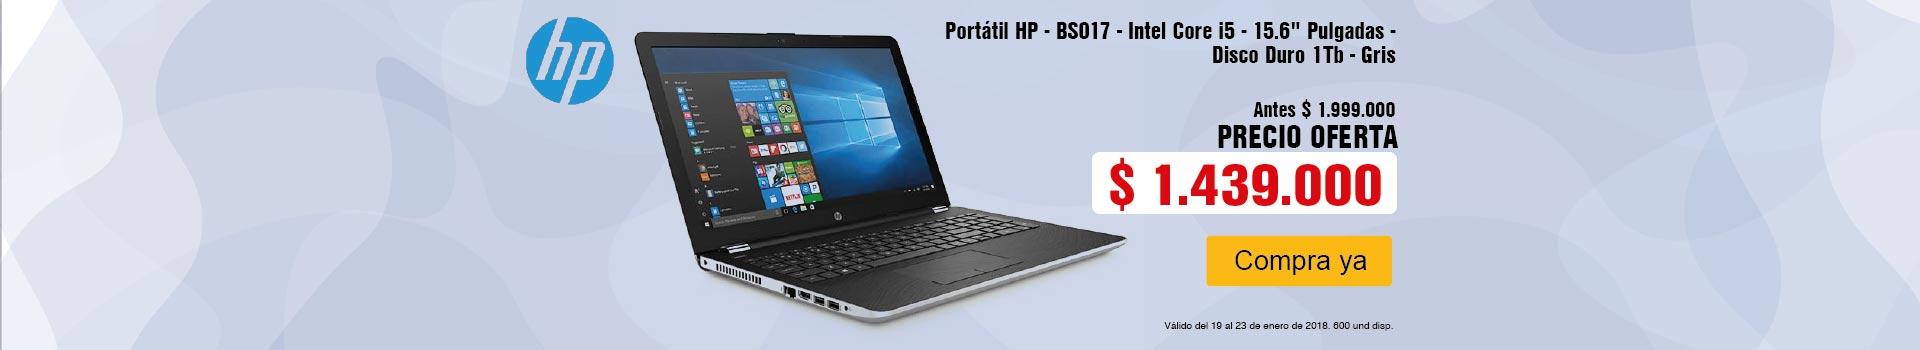 CAT AK KT-computadores-Portátil HP BS017-prod-enero20-23